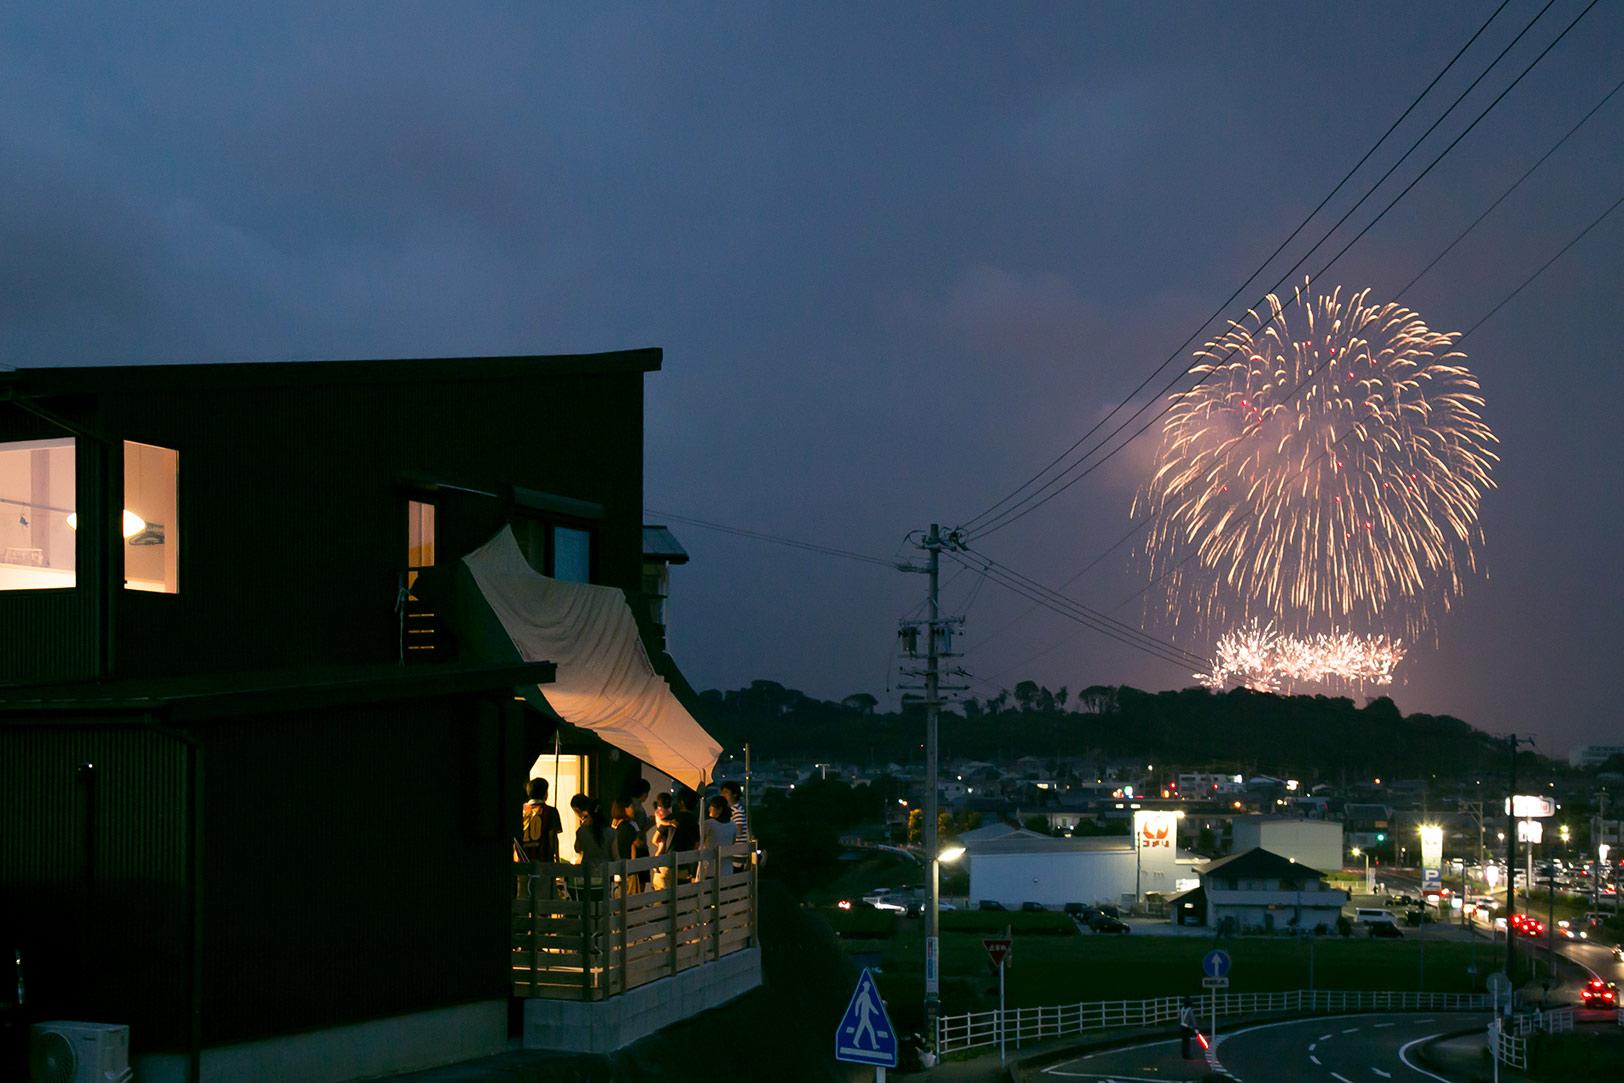 袋井市の花火大会(今年は残念ながら中止)の日は会社の仲間たちと皆でデッキで楽しむのが恒例になっている